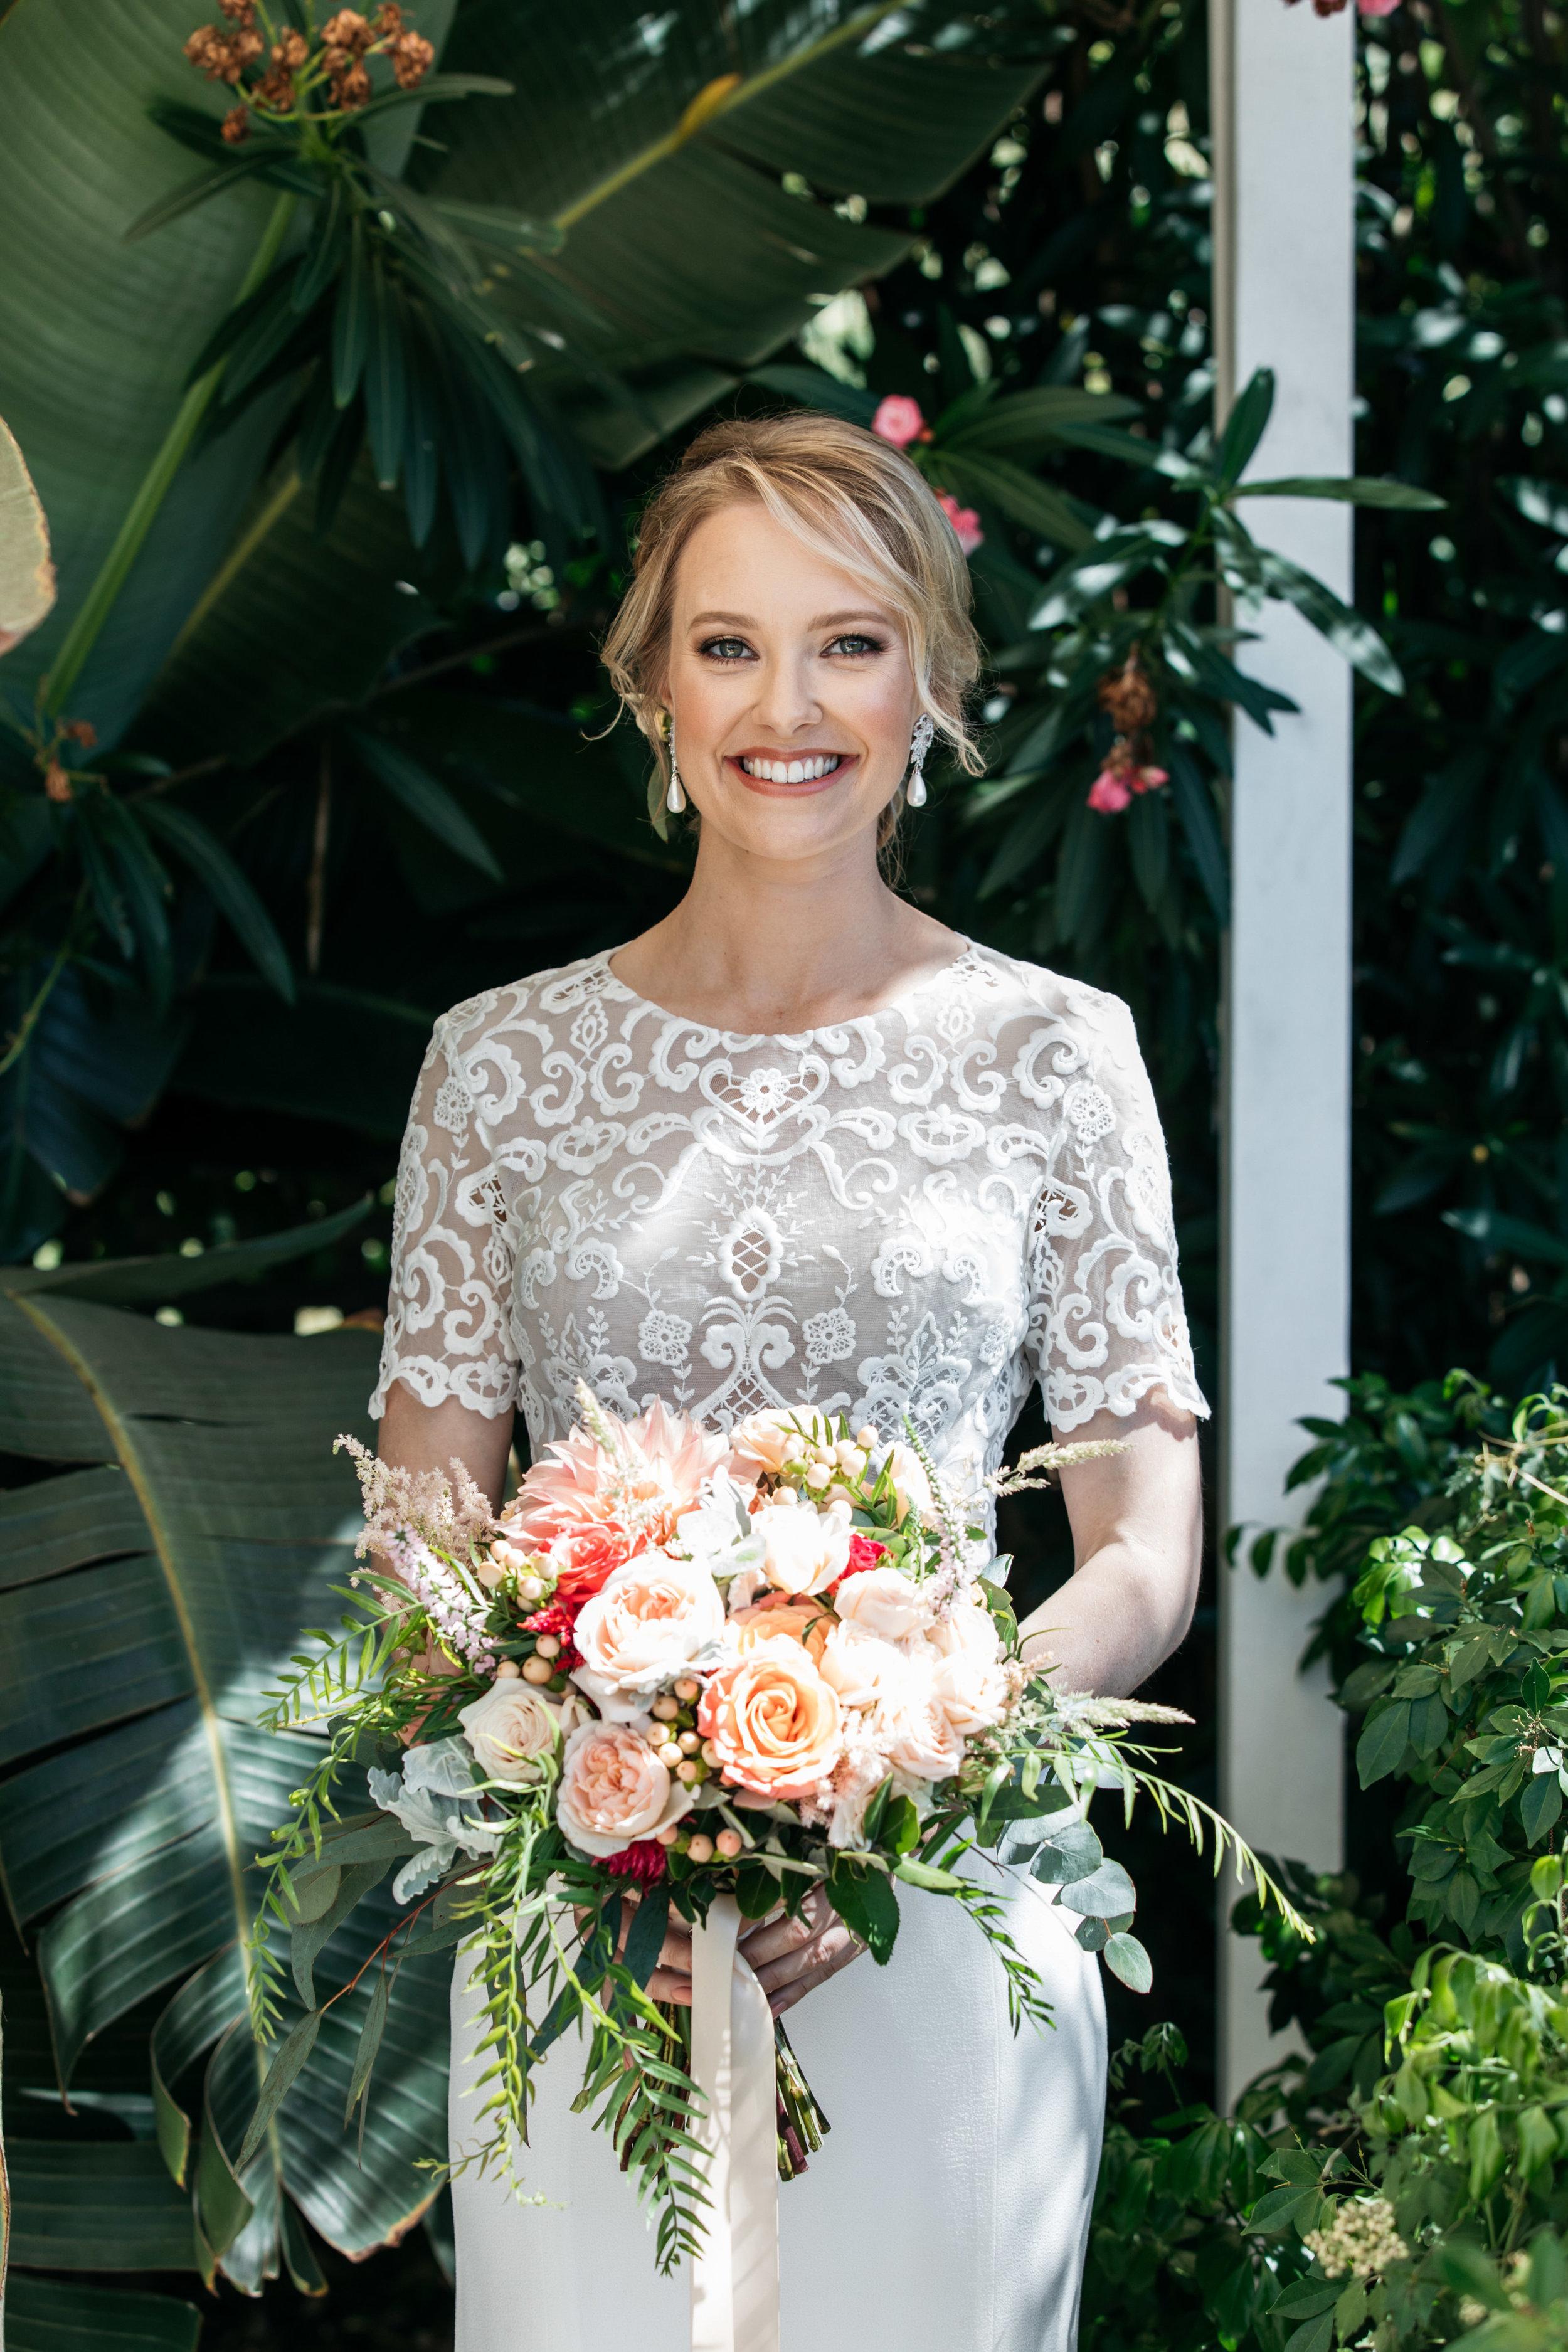 rhys paige tanyaa anic bridal photos by jessie ann R+P-78.jpg